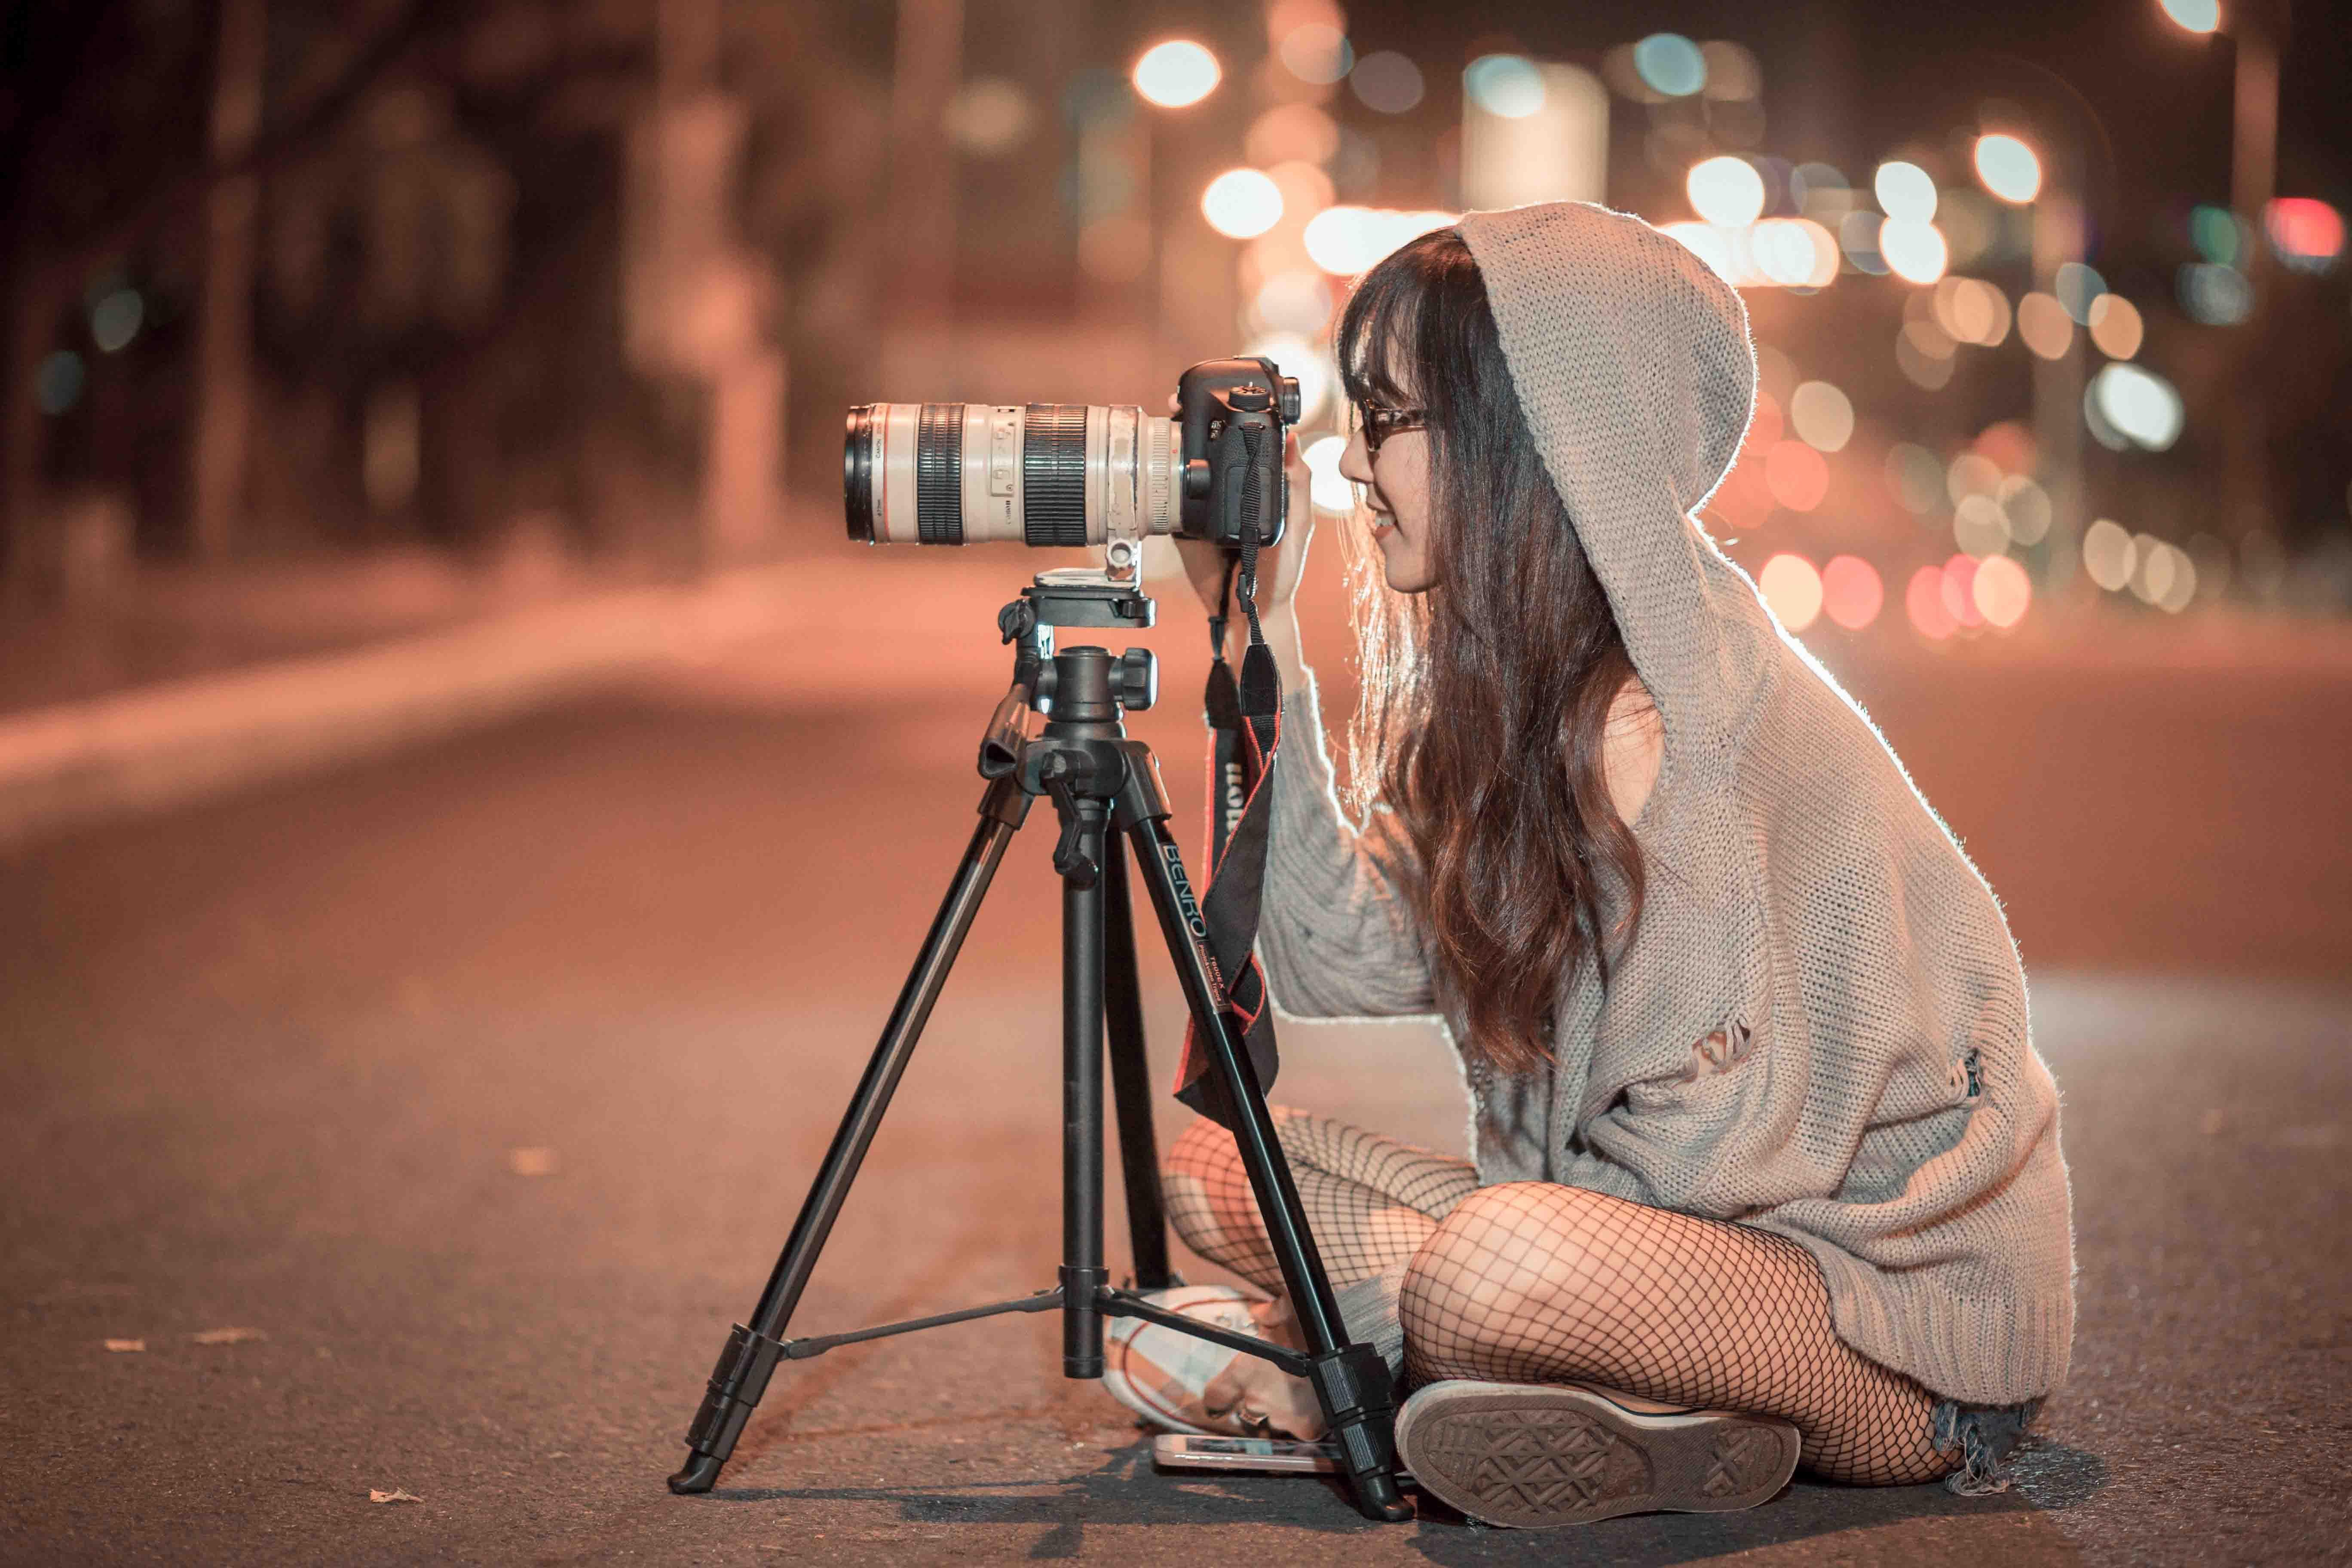 сливочное как стать самым лучшим фотографом ходят